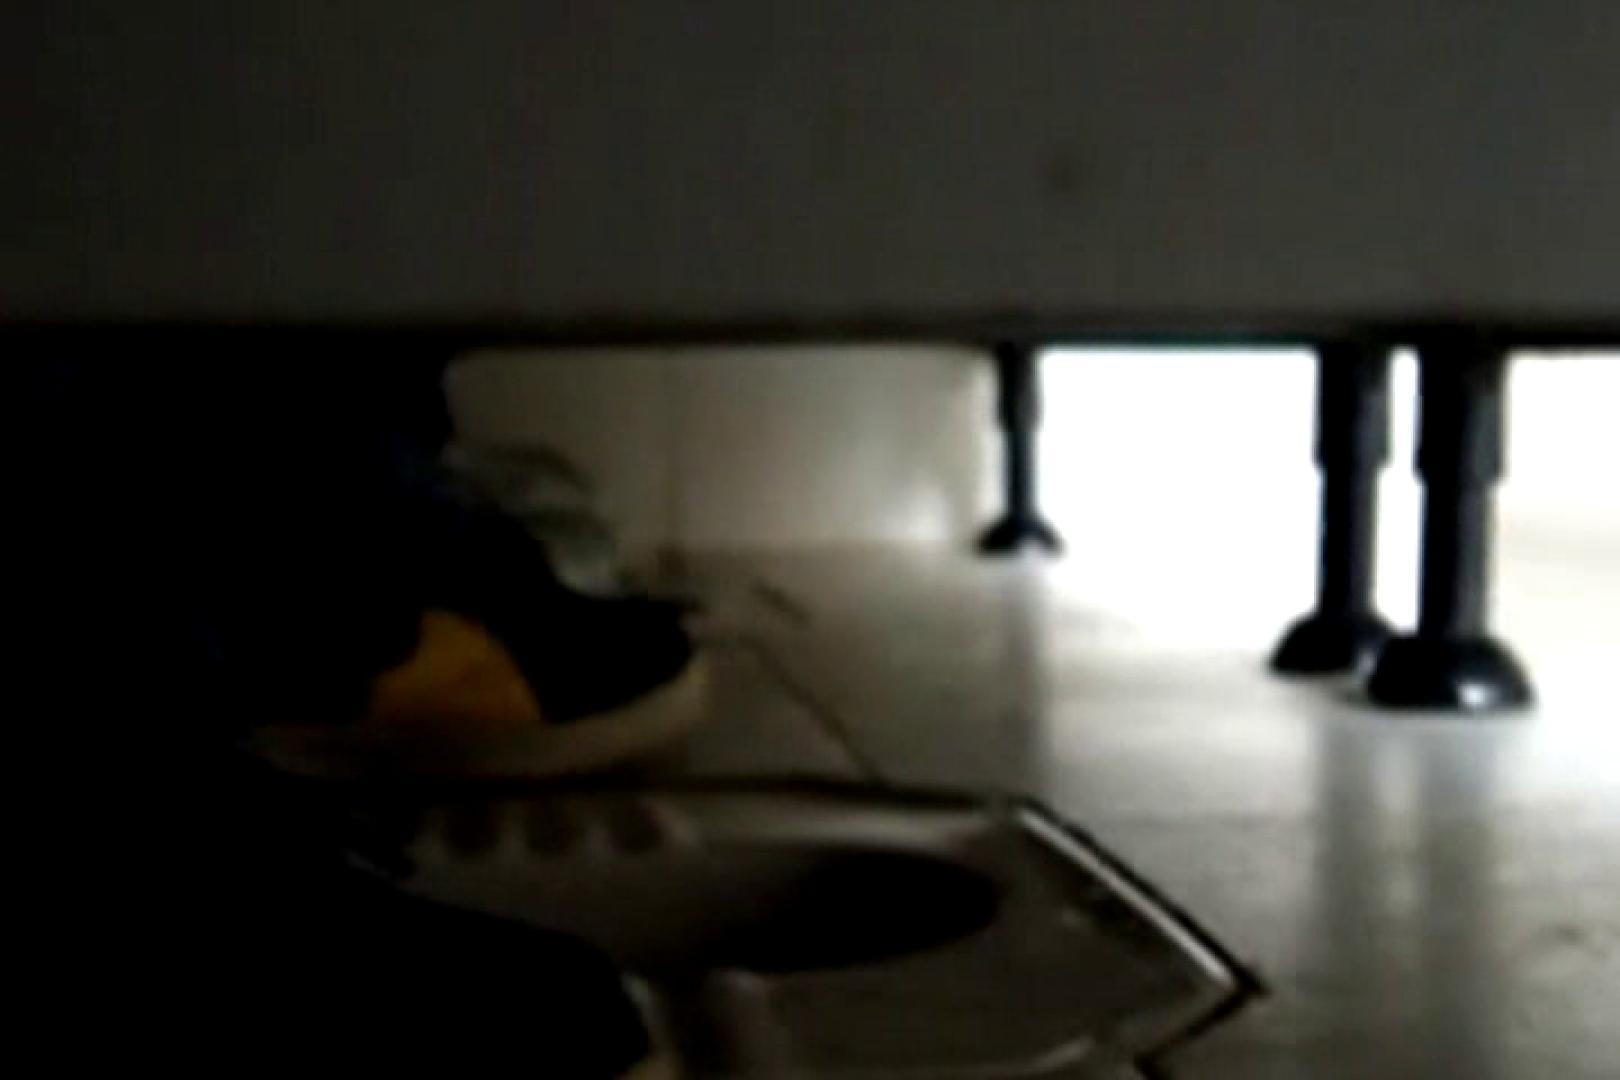 ぼっとん洗面所スペシャルVol.5 OLの実態 盗み撮り動画キャプチャ 103pic 38